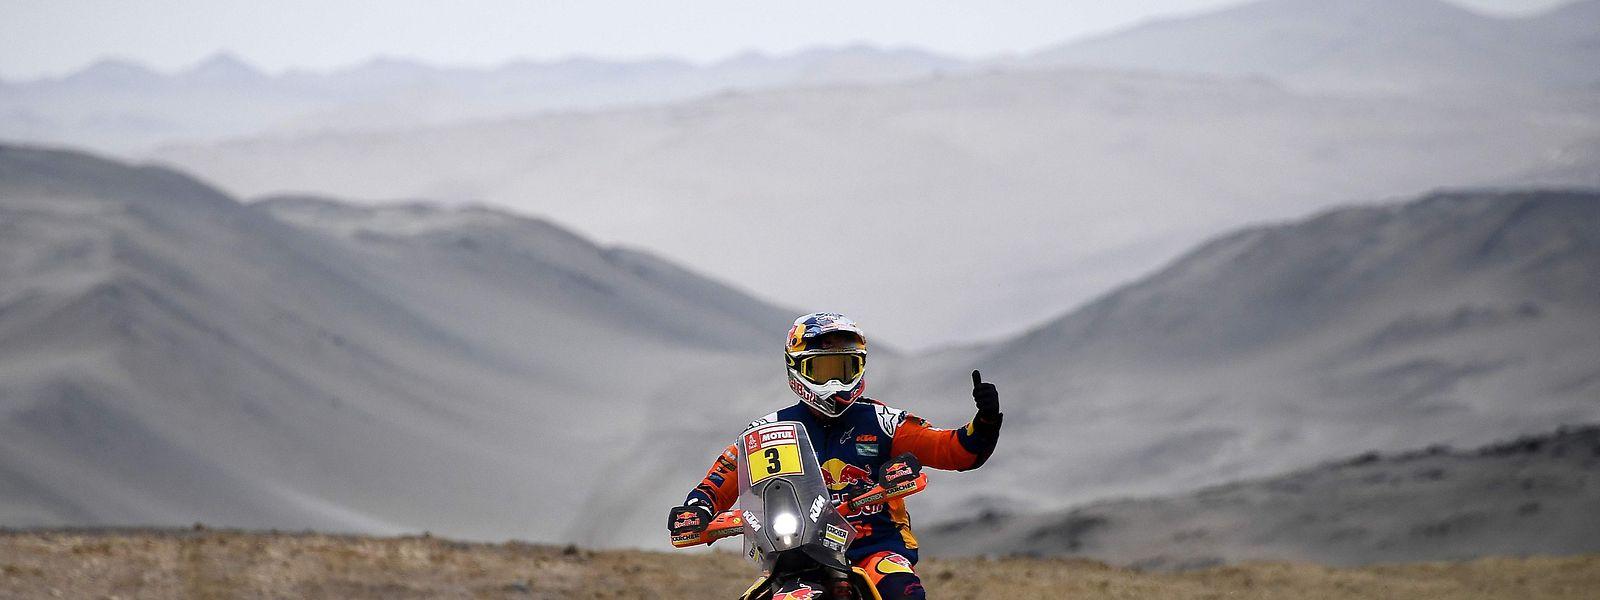 Et de deux pour l'Australien Toby Price, déjà victorieux du Dakar en 2016 en catégorie motos